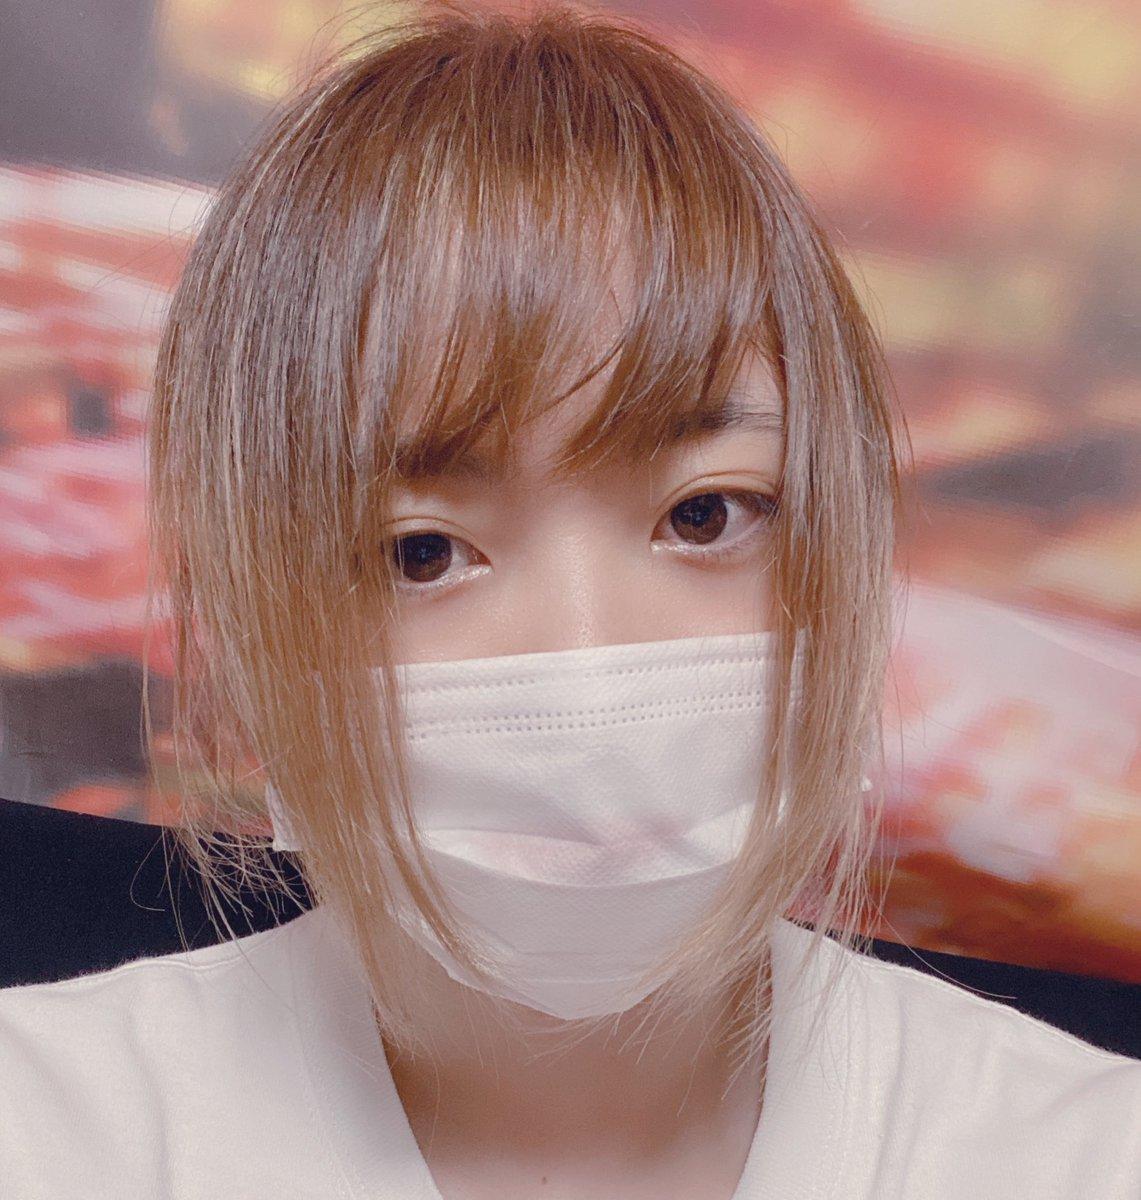 小川さんに会いに来たのにいなーい。泣マスクの上に加工入るのやめてー。笑